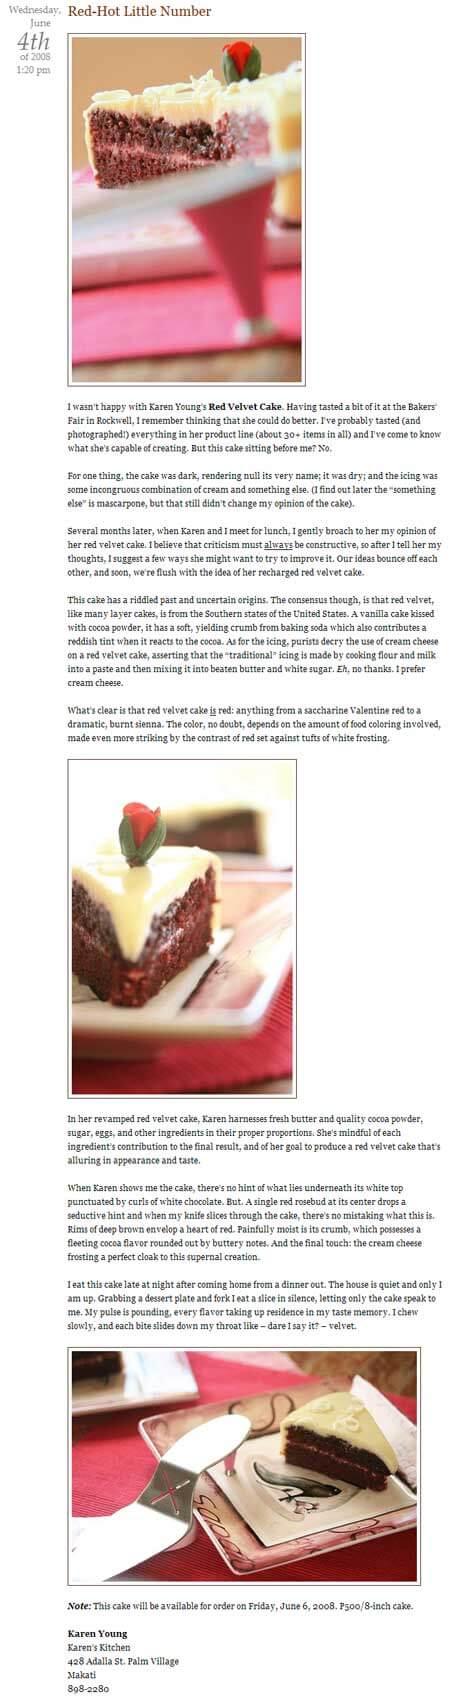 Red Velvet Cake (Jun 2008)